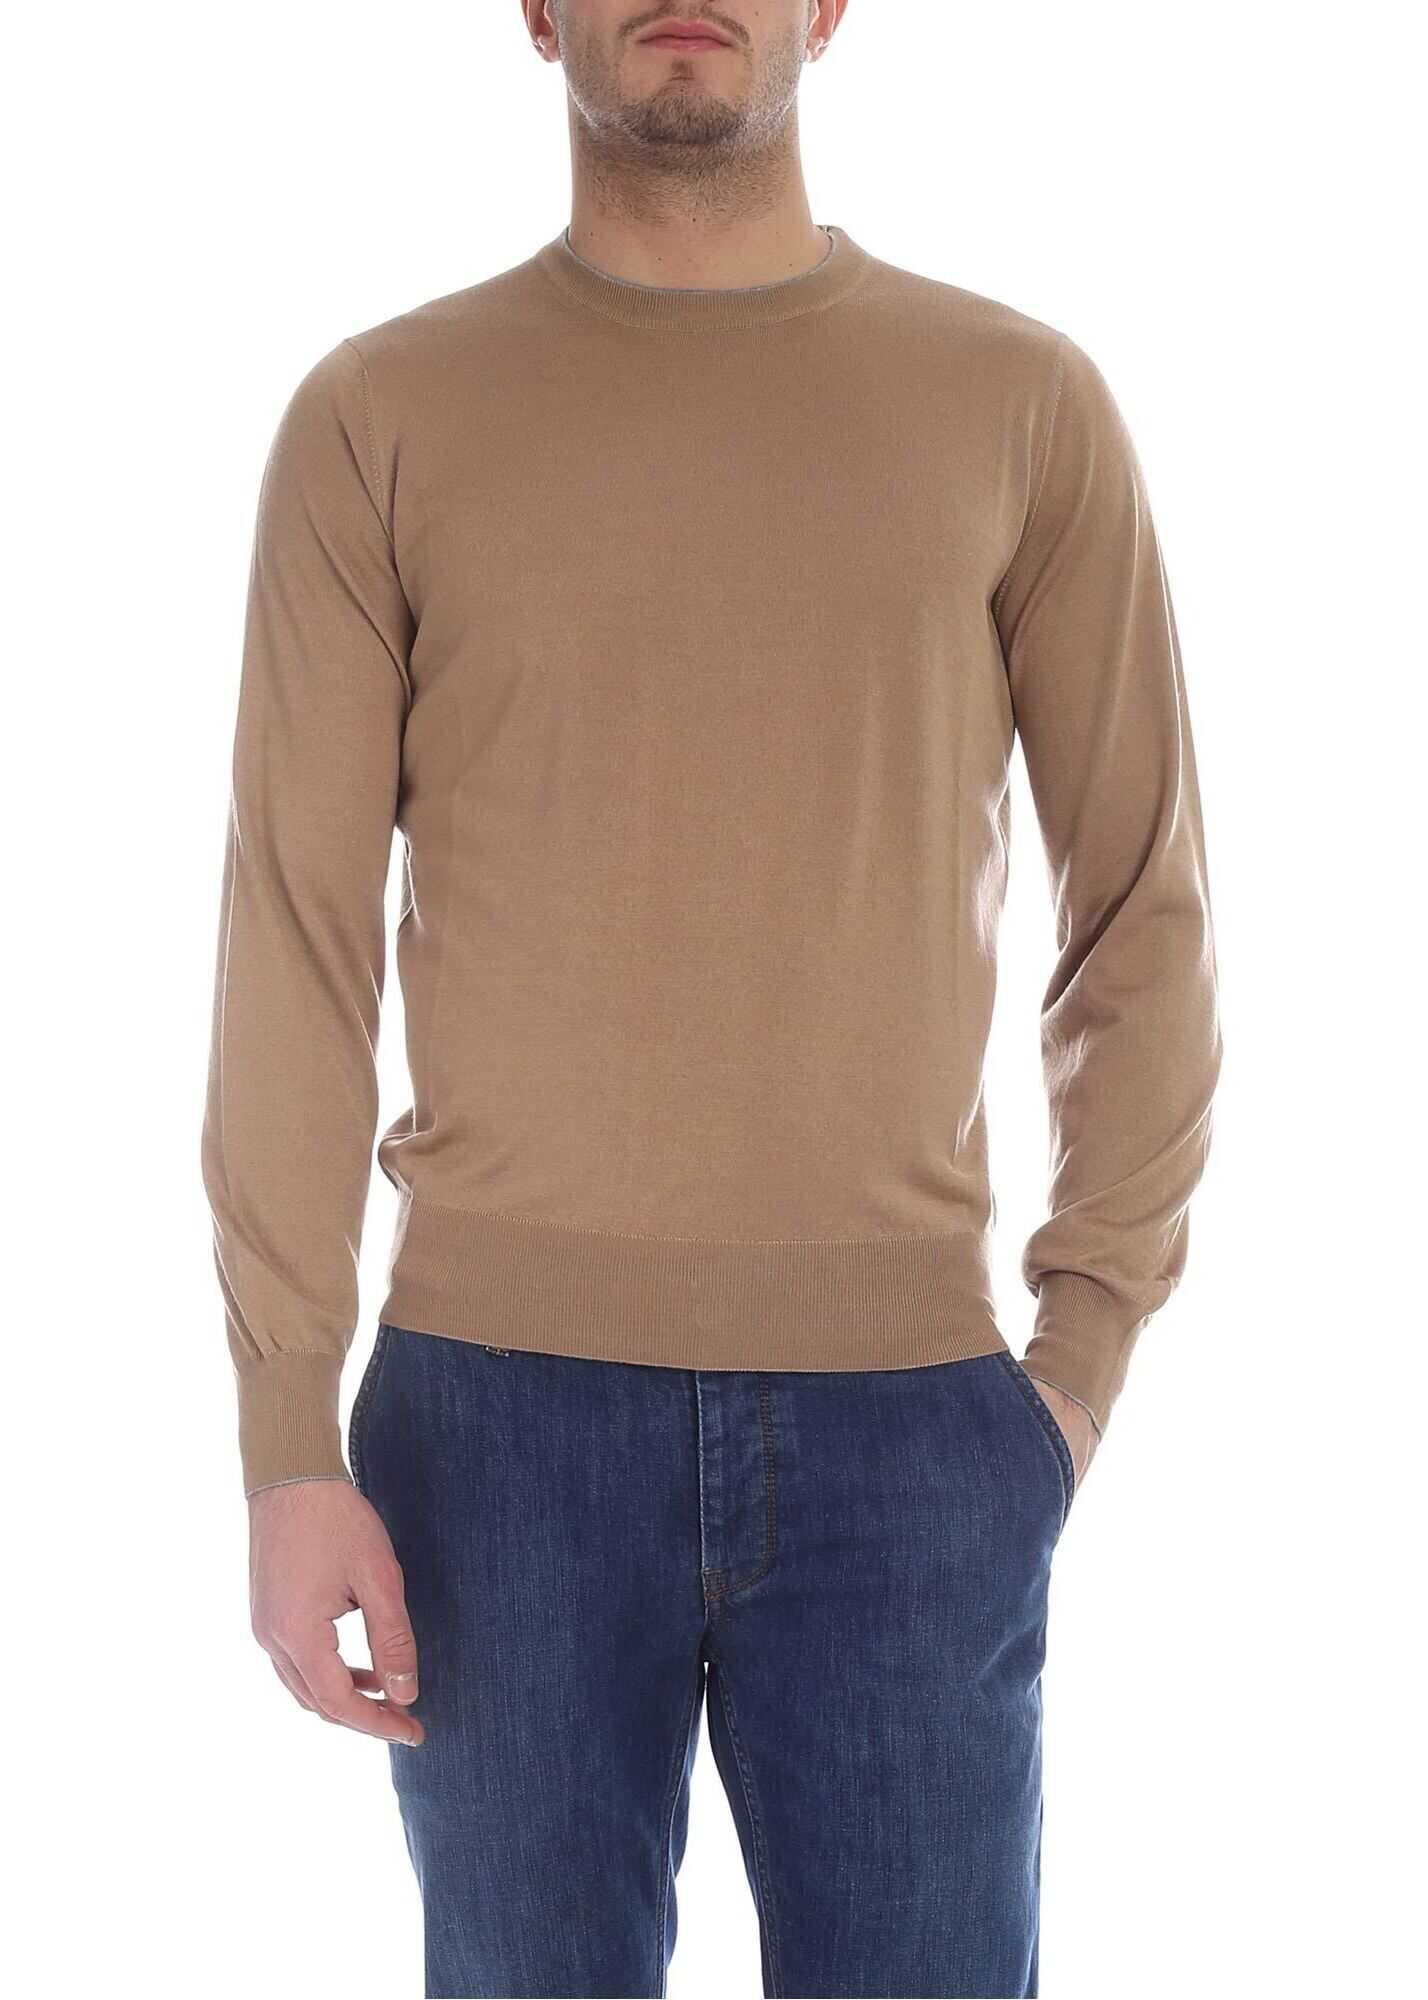 Brunello Cucinelli Camel Cashmere And Silk Sweater Camel imagine